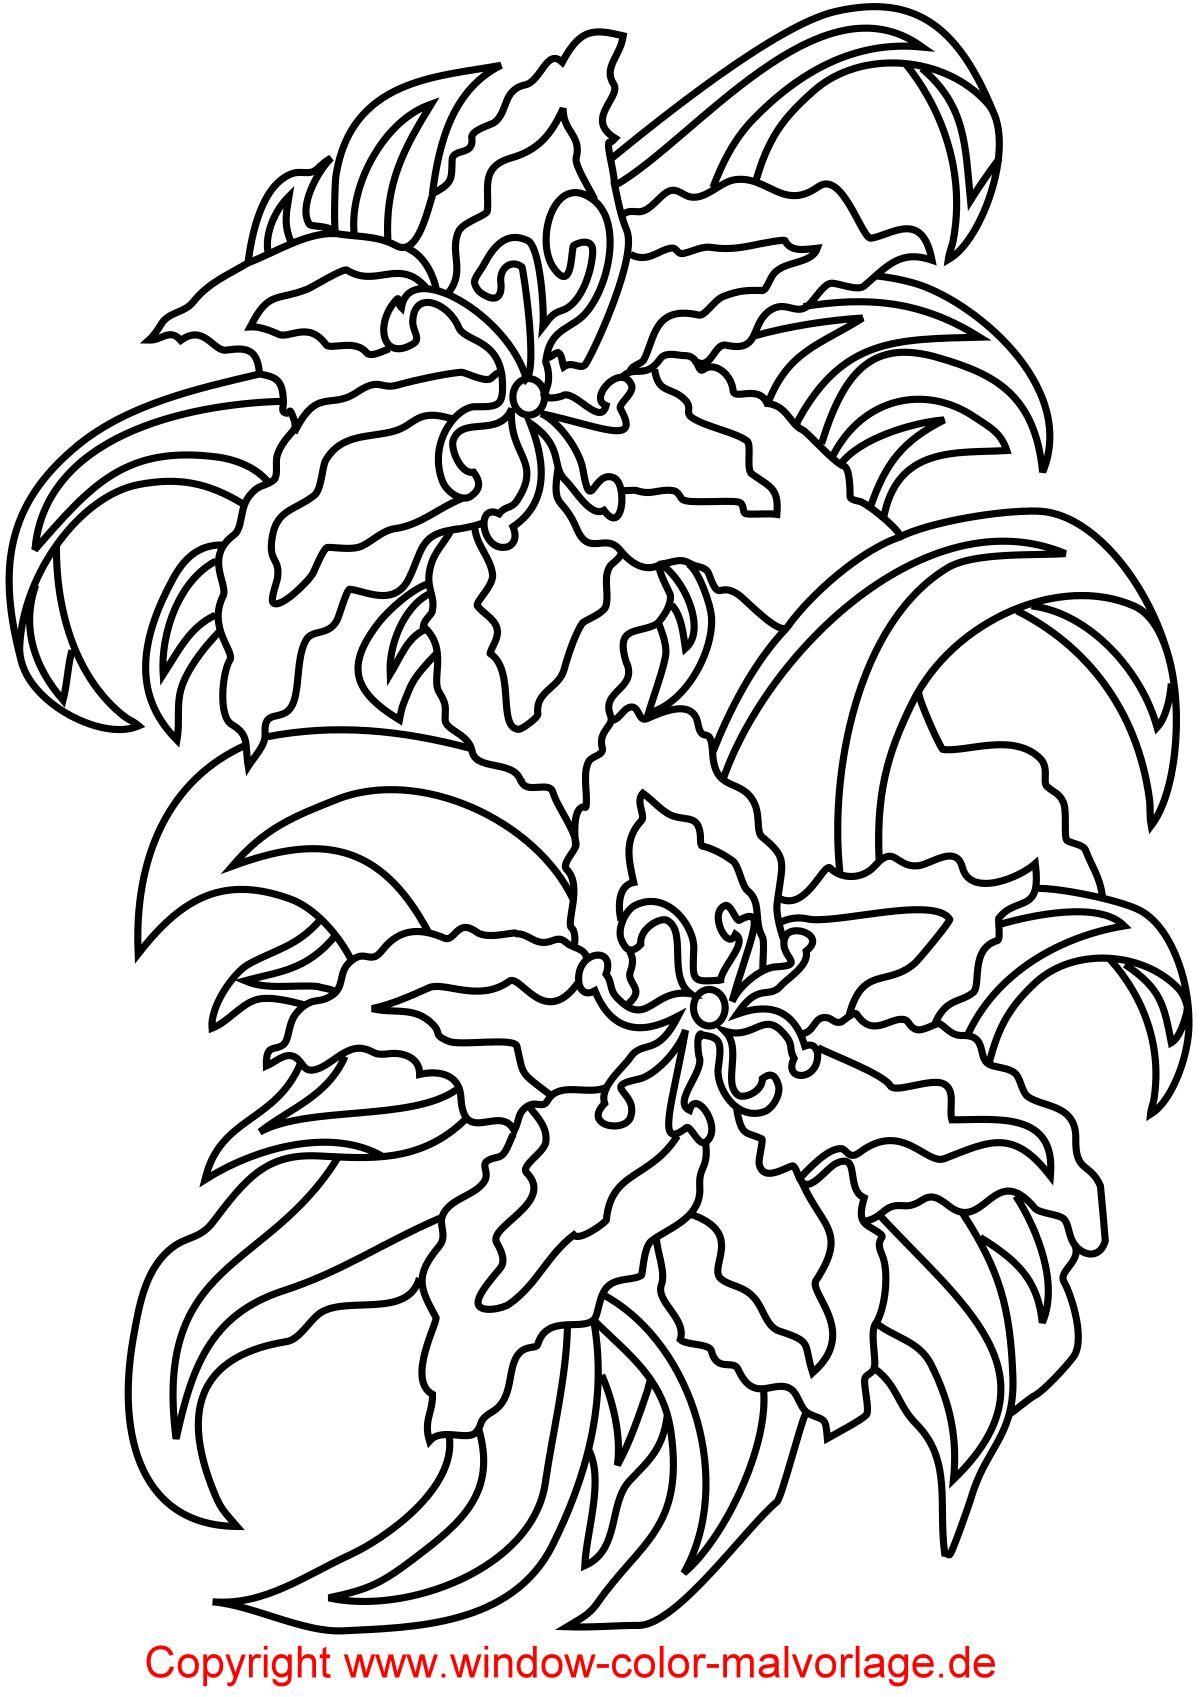 Malvorlagen kirschen pictures to pin on pinterest - Malvorlagen Zum Ausdrucken Schoene Blumen Und Blueten Malvorlage